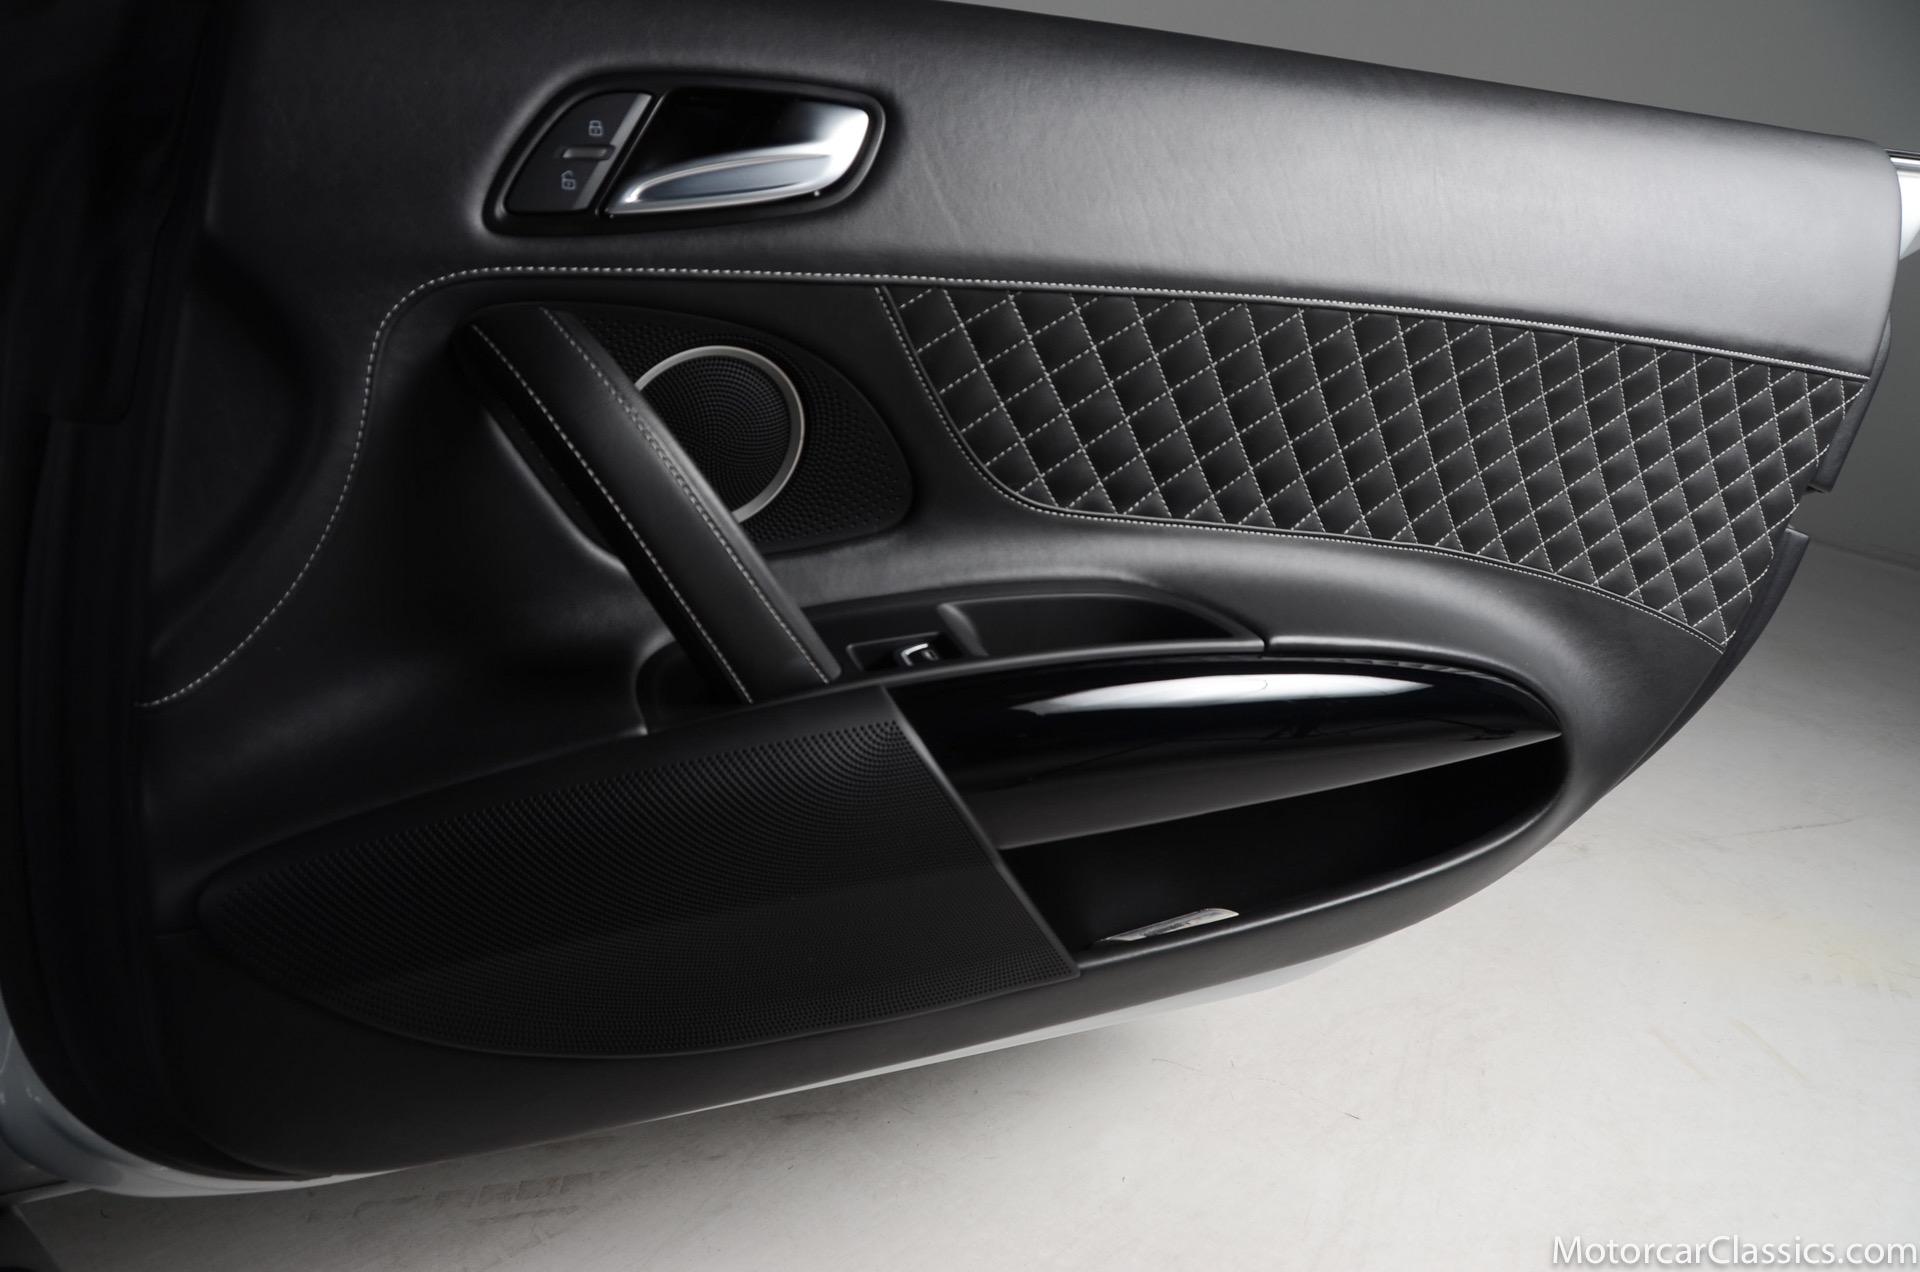 2014 Audi R8 4.2 quattro